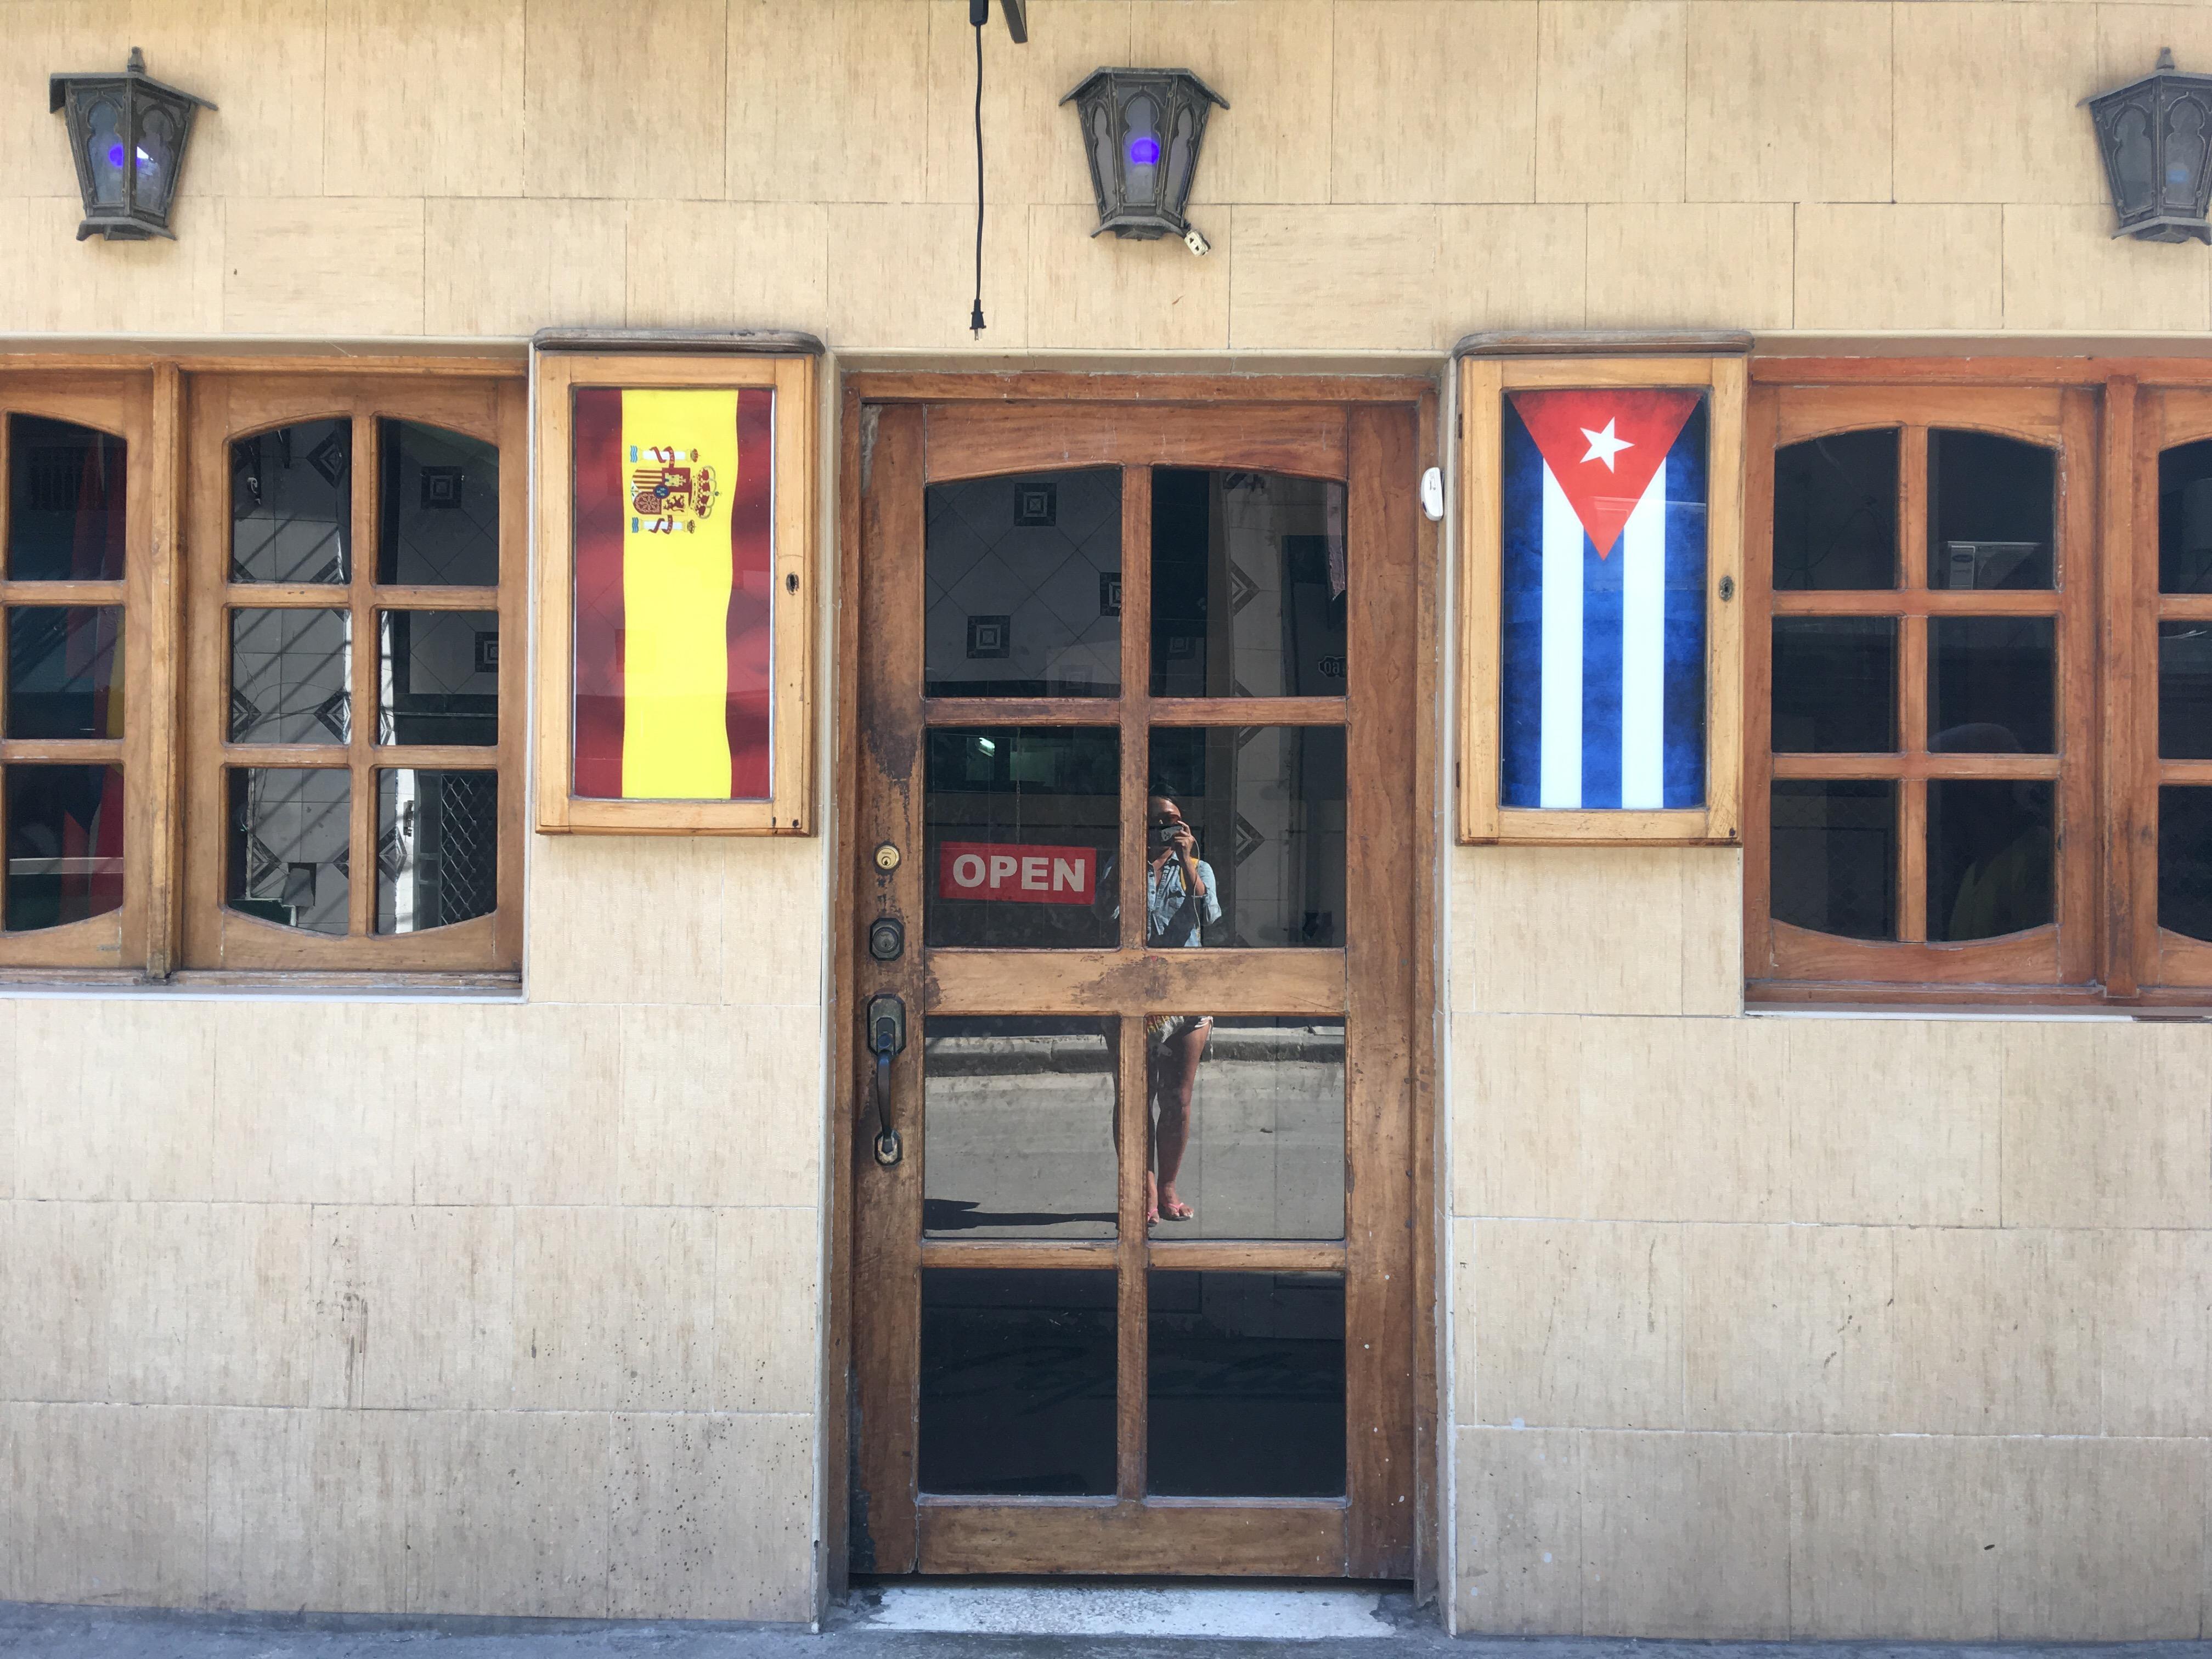 這裡不只有酒還有歌舞,來一場古巴「Havana」盛情的音樂饗宴吧!